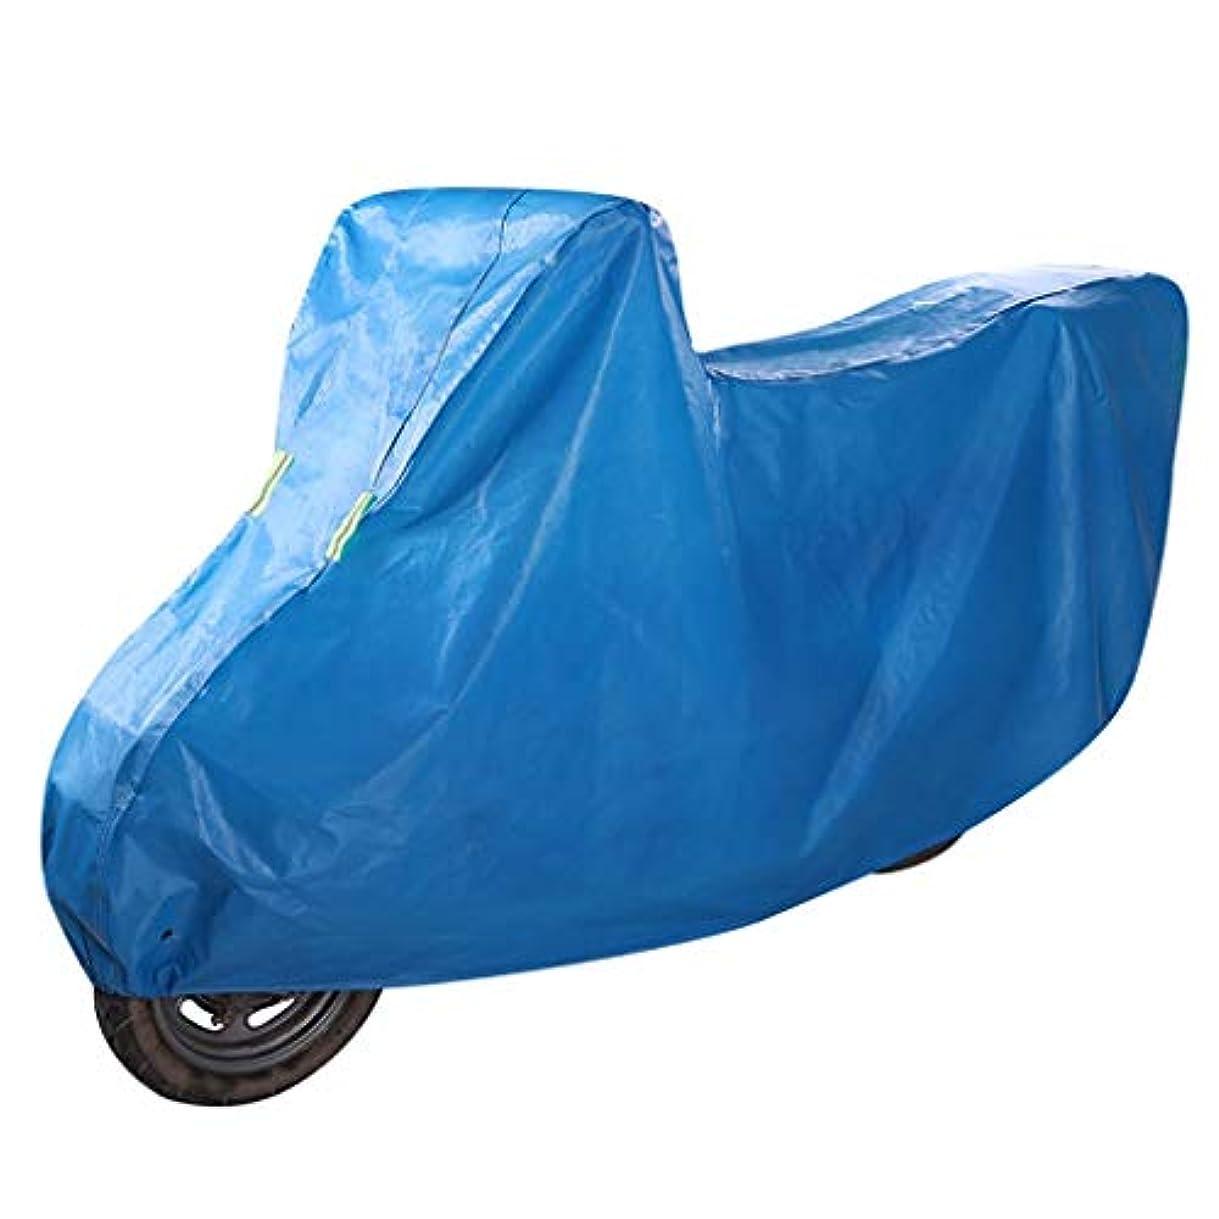 によって授業料苦痛防水バイクカバー頑丈な屋外防水アンチダストレインUV保護自転車カバーロードバイク250 cm以内の自転車に適しています